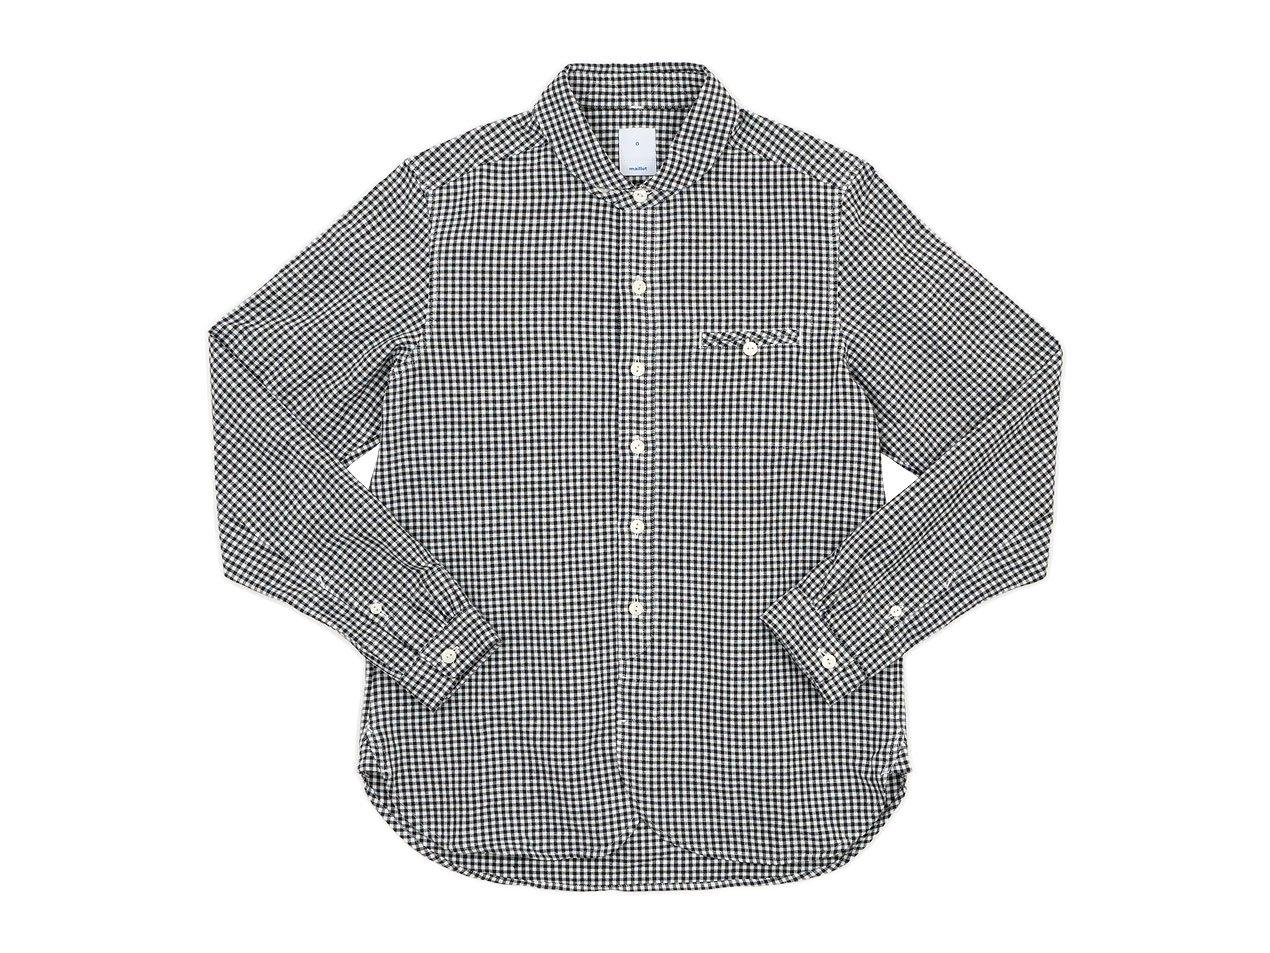 maillot sunset gingham round work shirts BLACK x WHITE